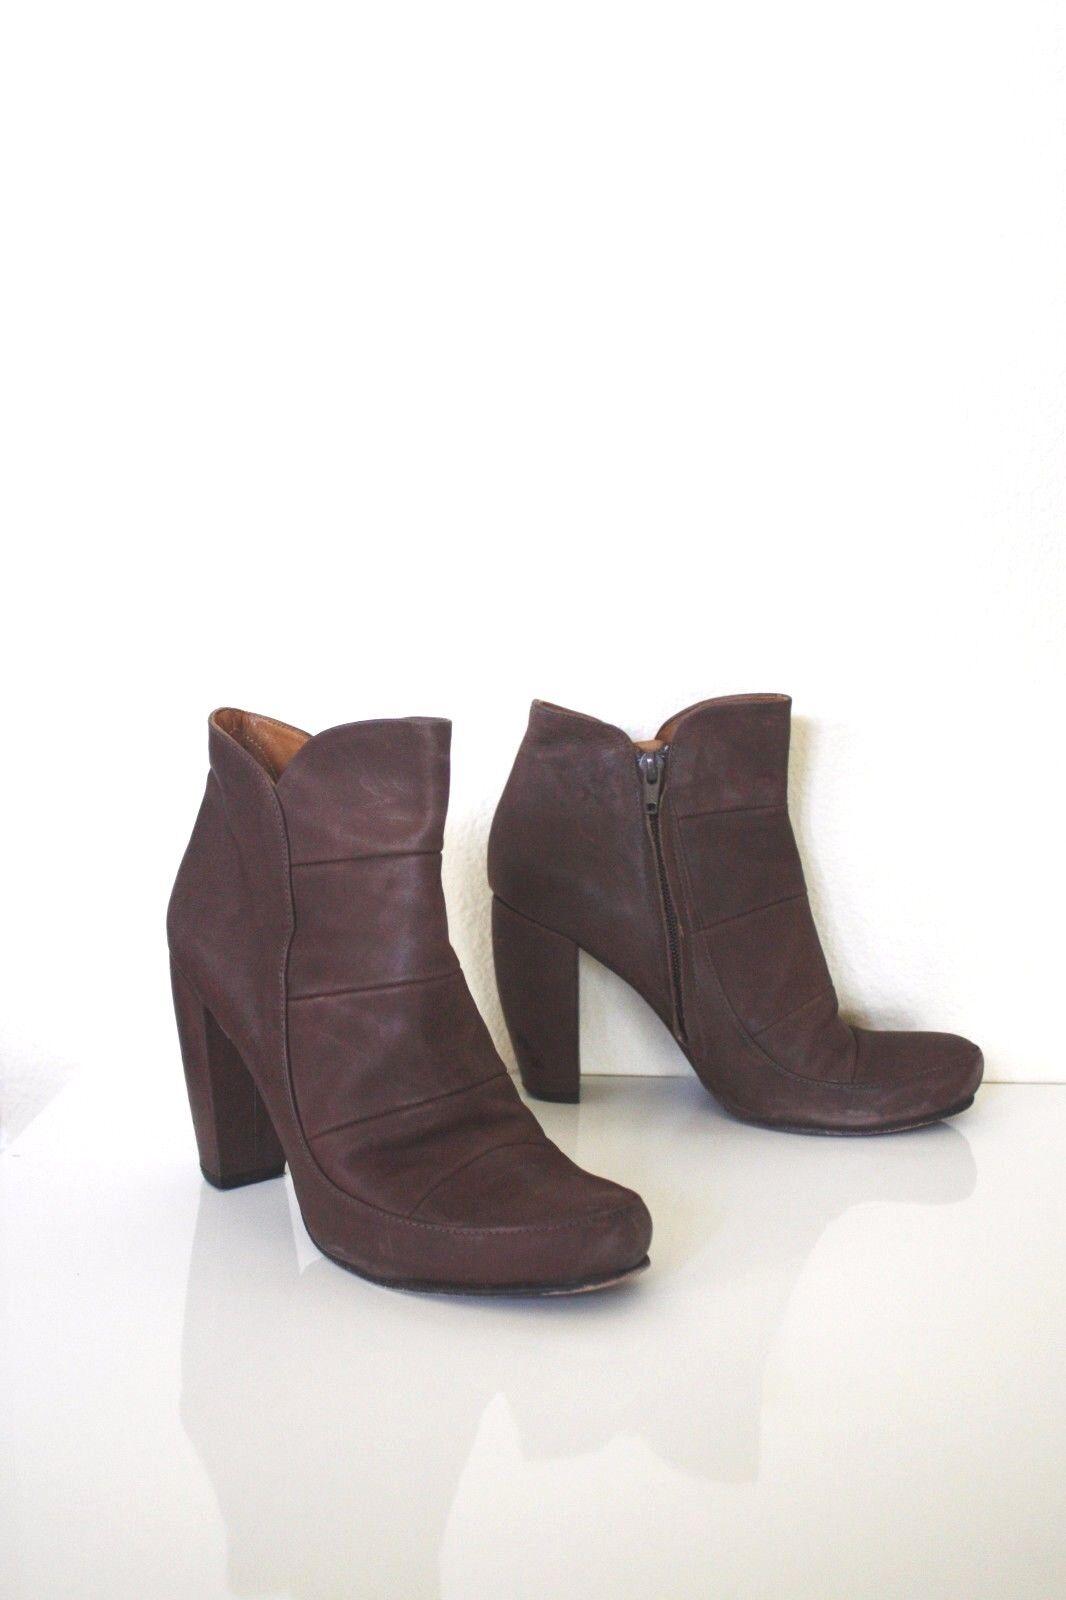 Coclico Coclico Coclico Cadby Botines 37 7 Cuero Marrón Taupe botas al Tobillo Zapatos De Anthropologie  entrega de rayos